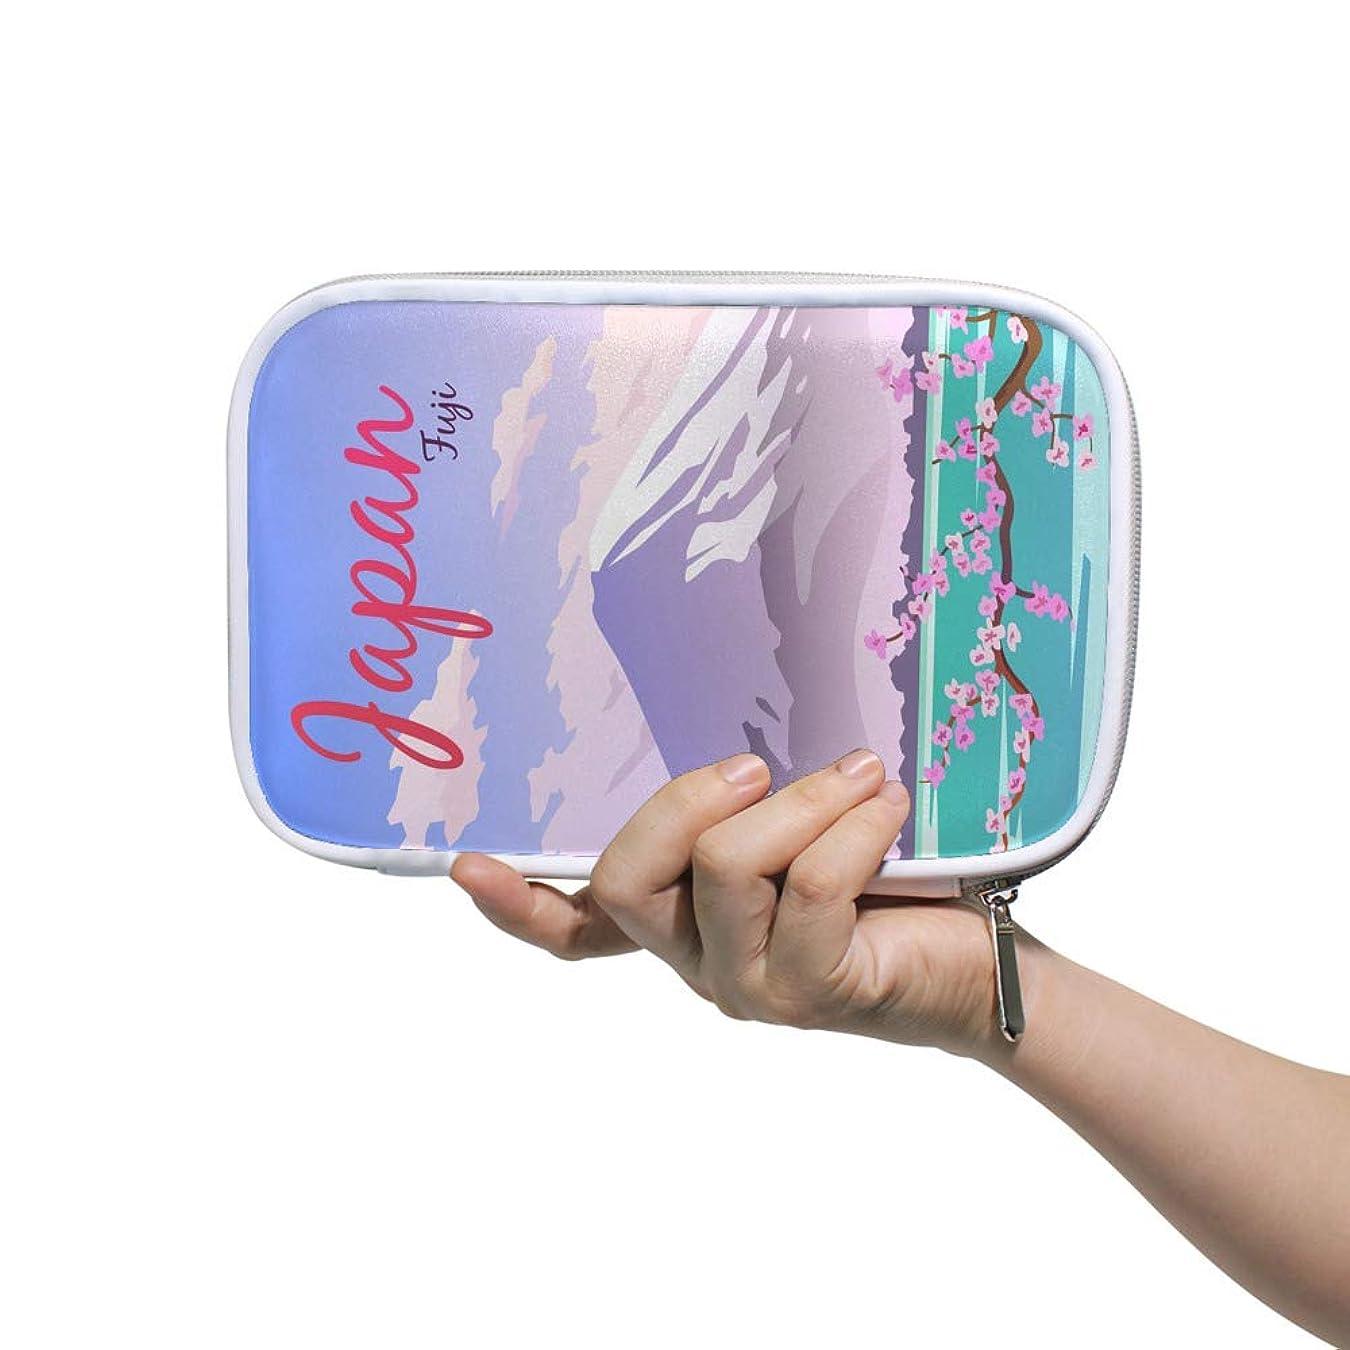 植物学クローンファンシーZHIMI 化粧ポーチ メイクポーチ レディース コンパクト 柔らかい おしゃれ コスメケース 化粧品収納バッグ 綺麗な桜 富士山絵柄 機能的 防水 軽量 小物入れ 出張 海外旅行グッズ パスポートケースとしても適用